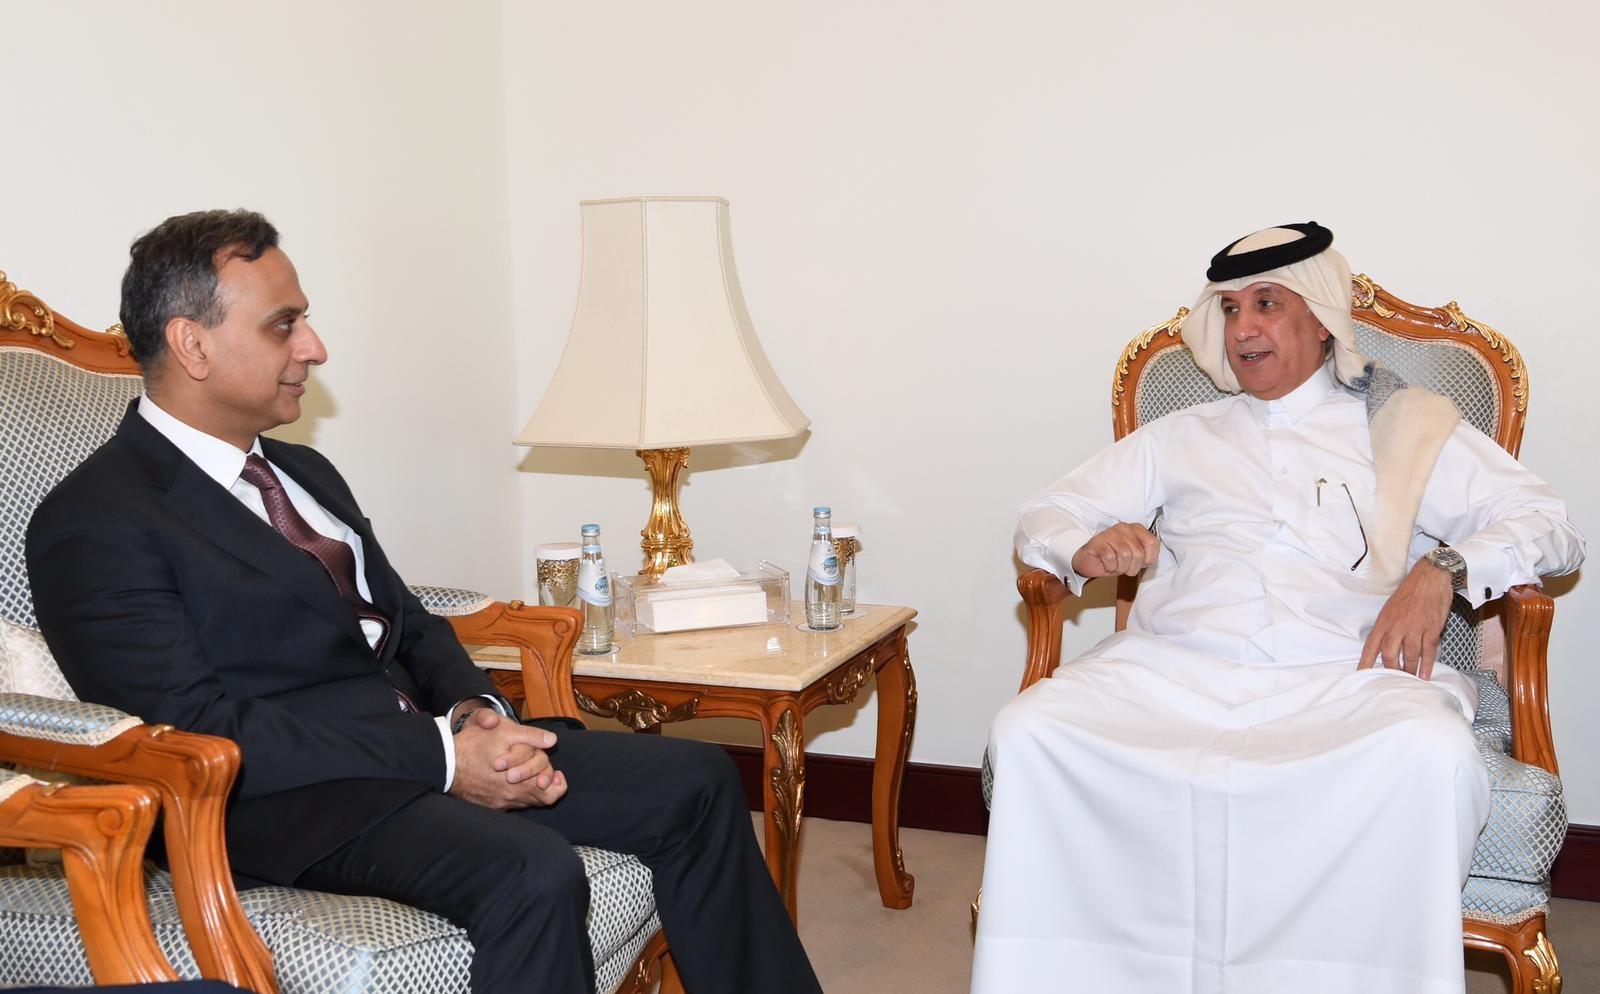 وزير الدولة للشؤون الخارجية يجتمع مع سفير المملكة المتحدة